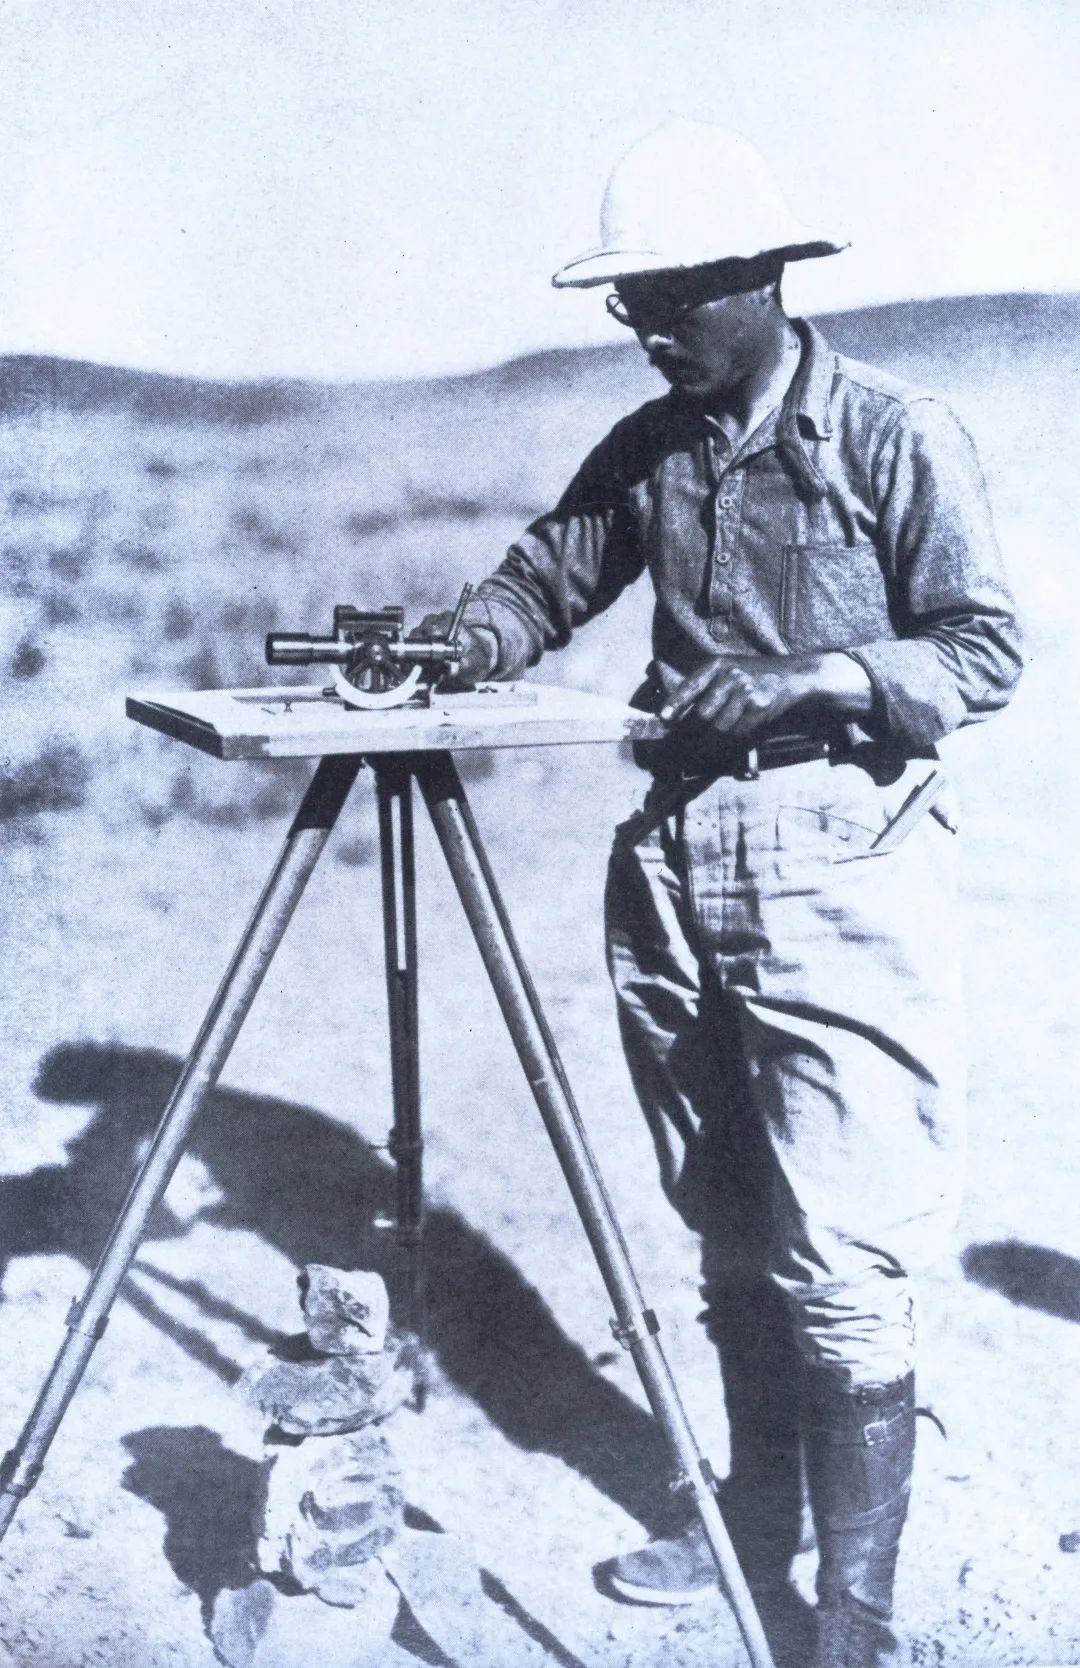 在线展览 | 袁复礼旧藏西北科考团摄影·新疆(二)